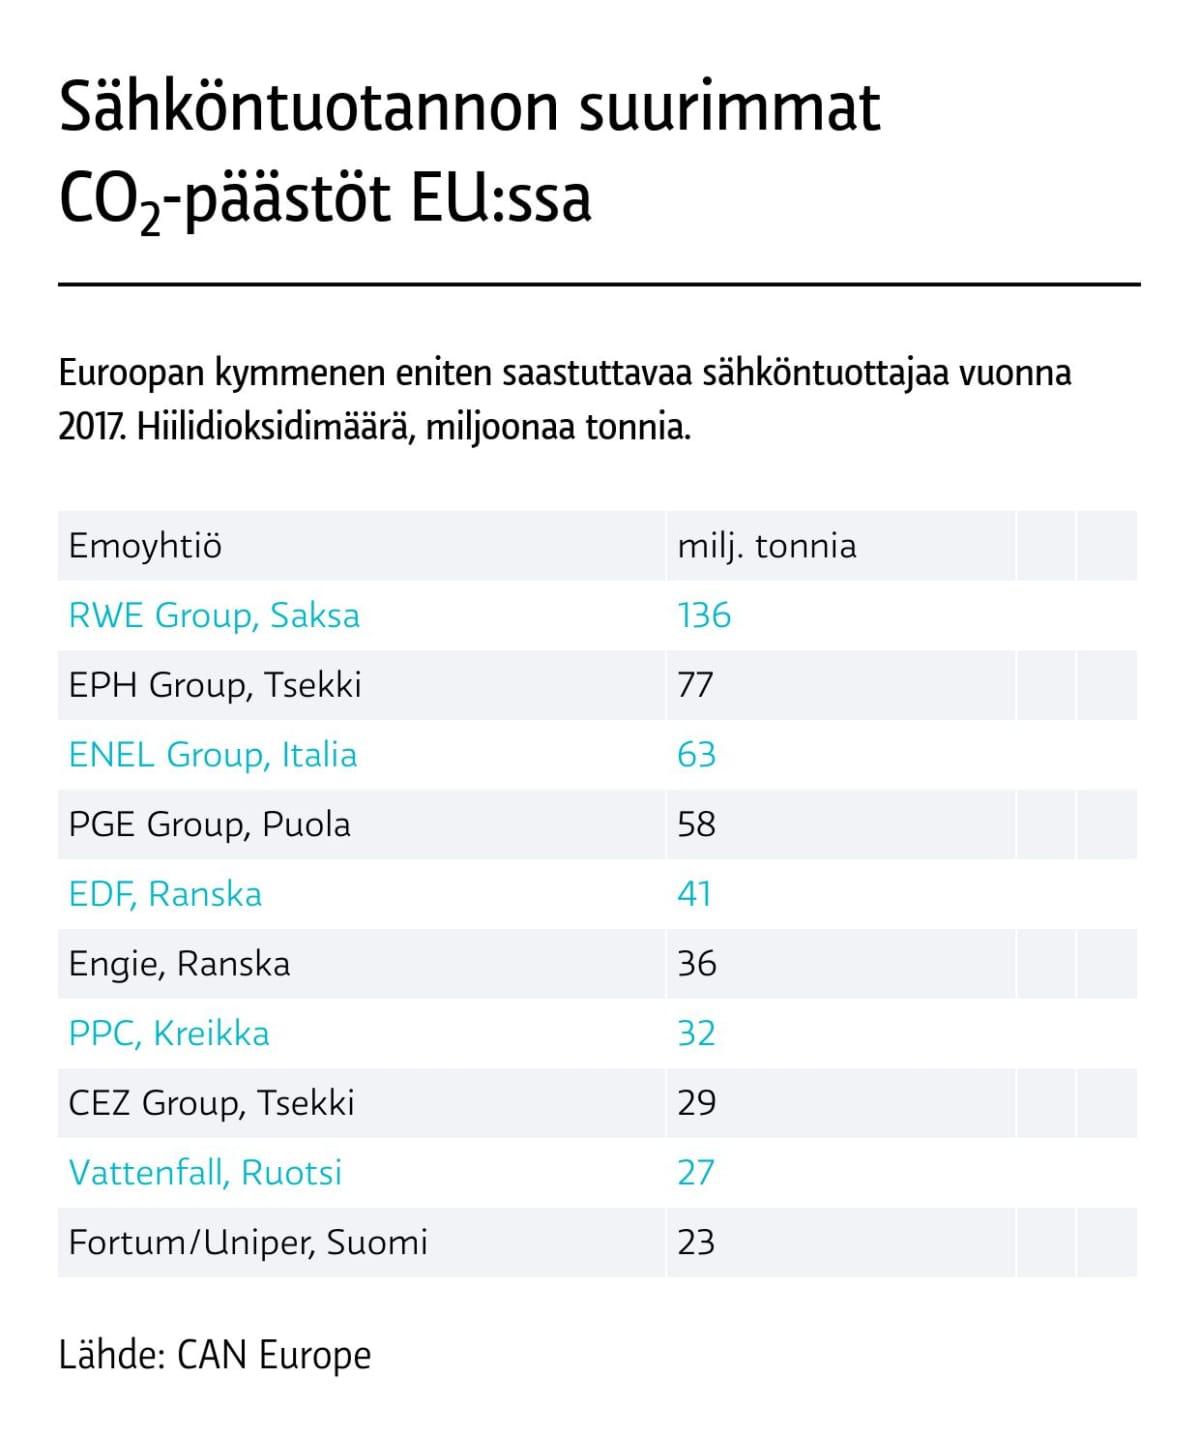 Sähköntuotannon suurimmat päästöt